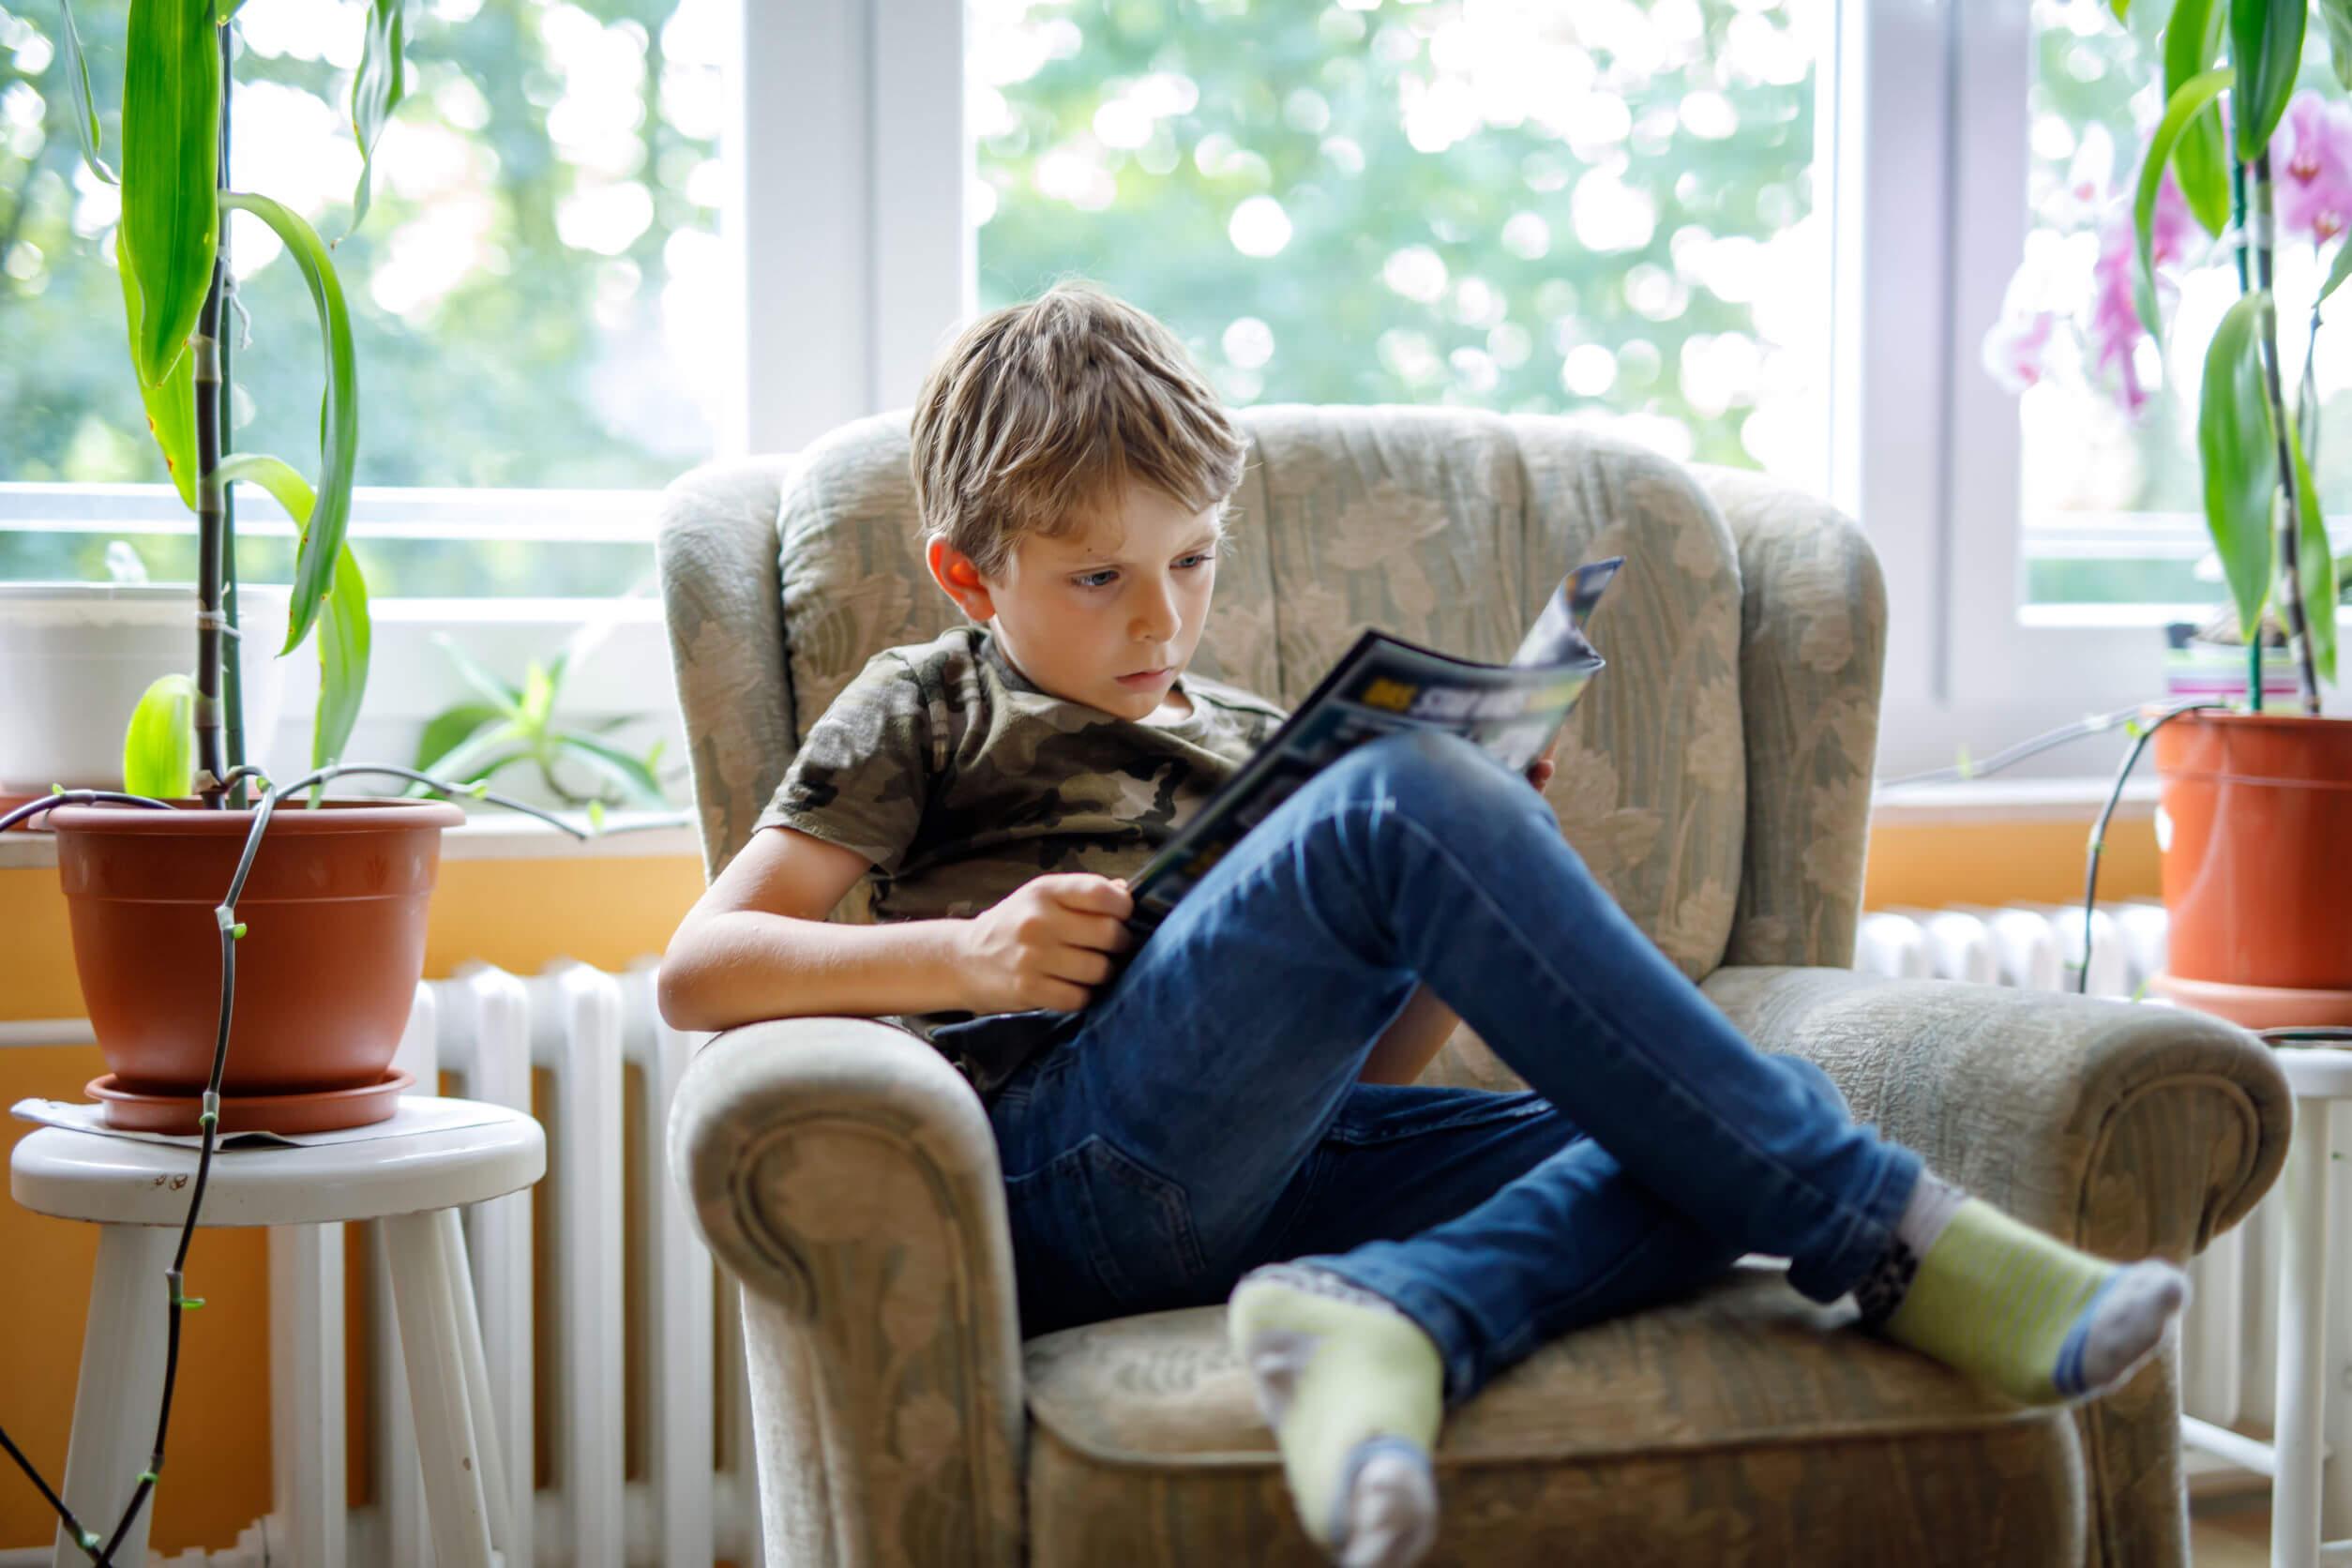 Chico leyendo cómics para niño en el sillón de casa.